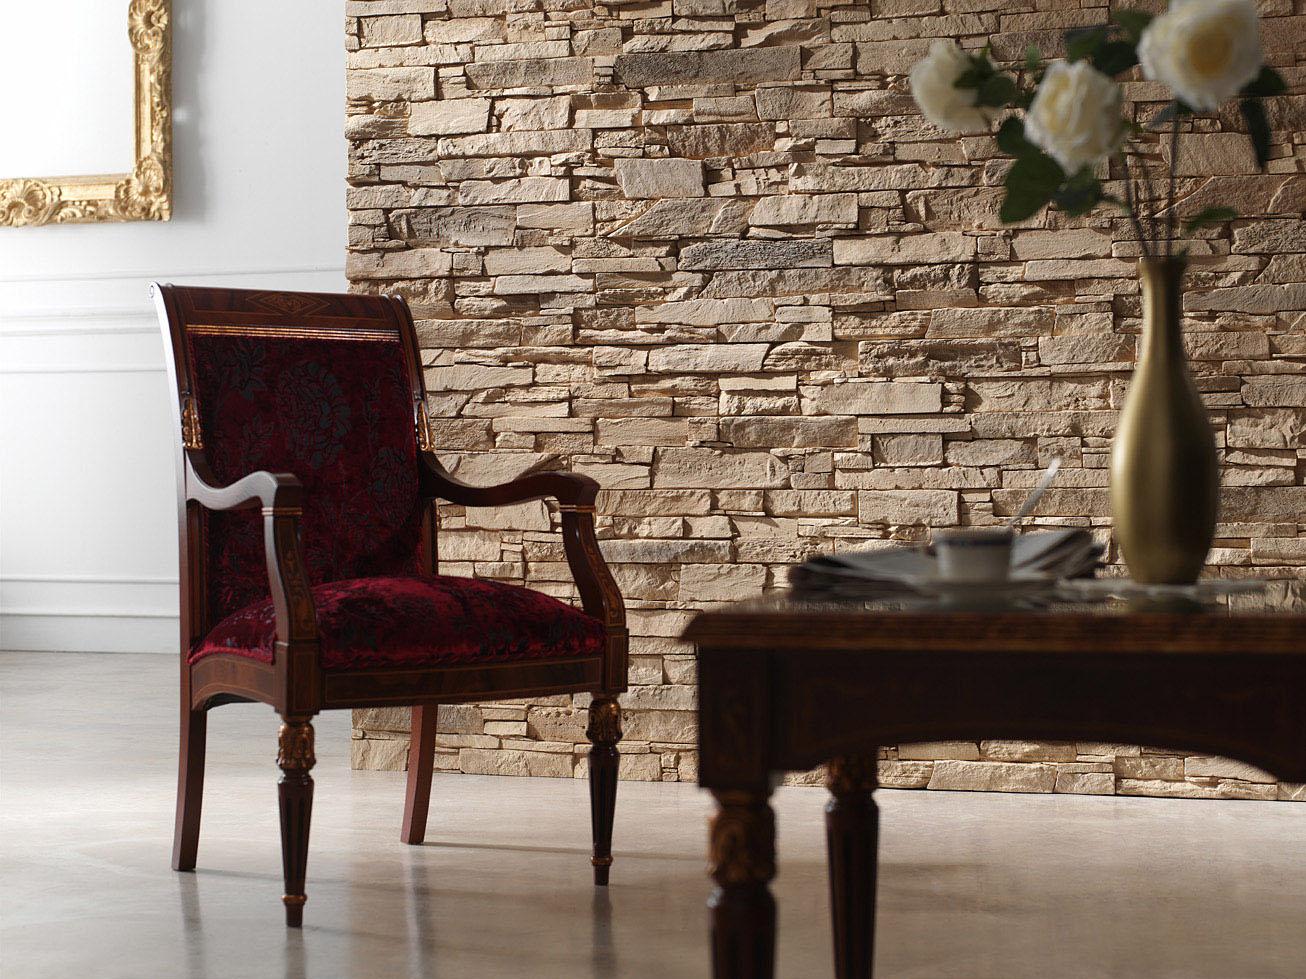 Papeles decorativos y decorative walls - Decoracion con piedras en interiores ...